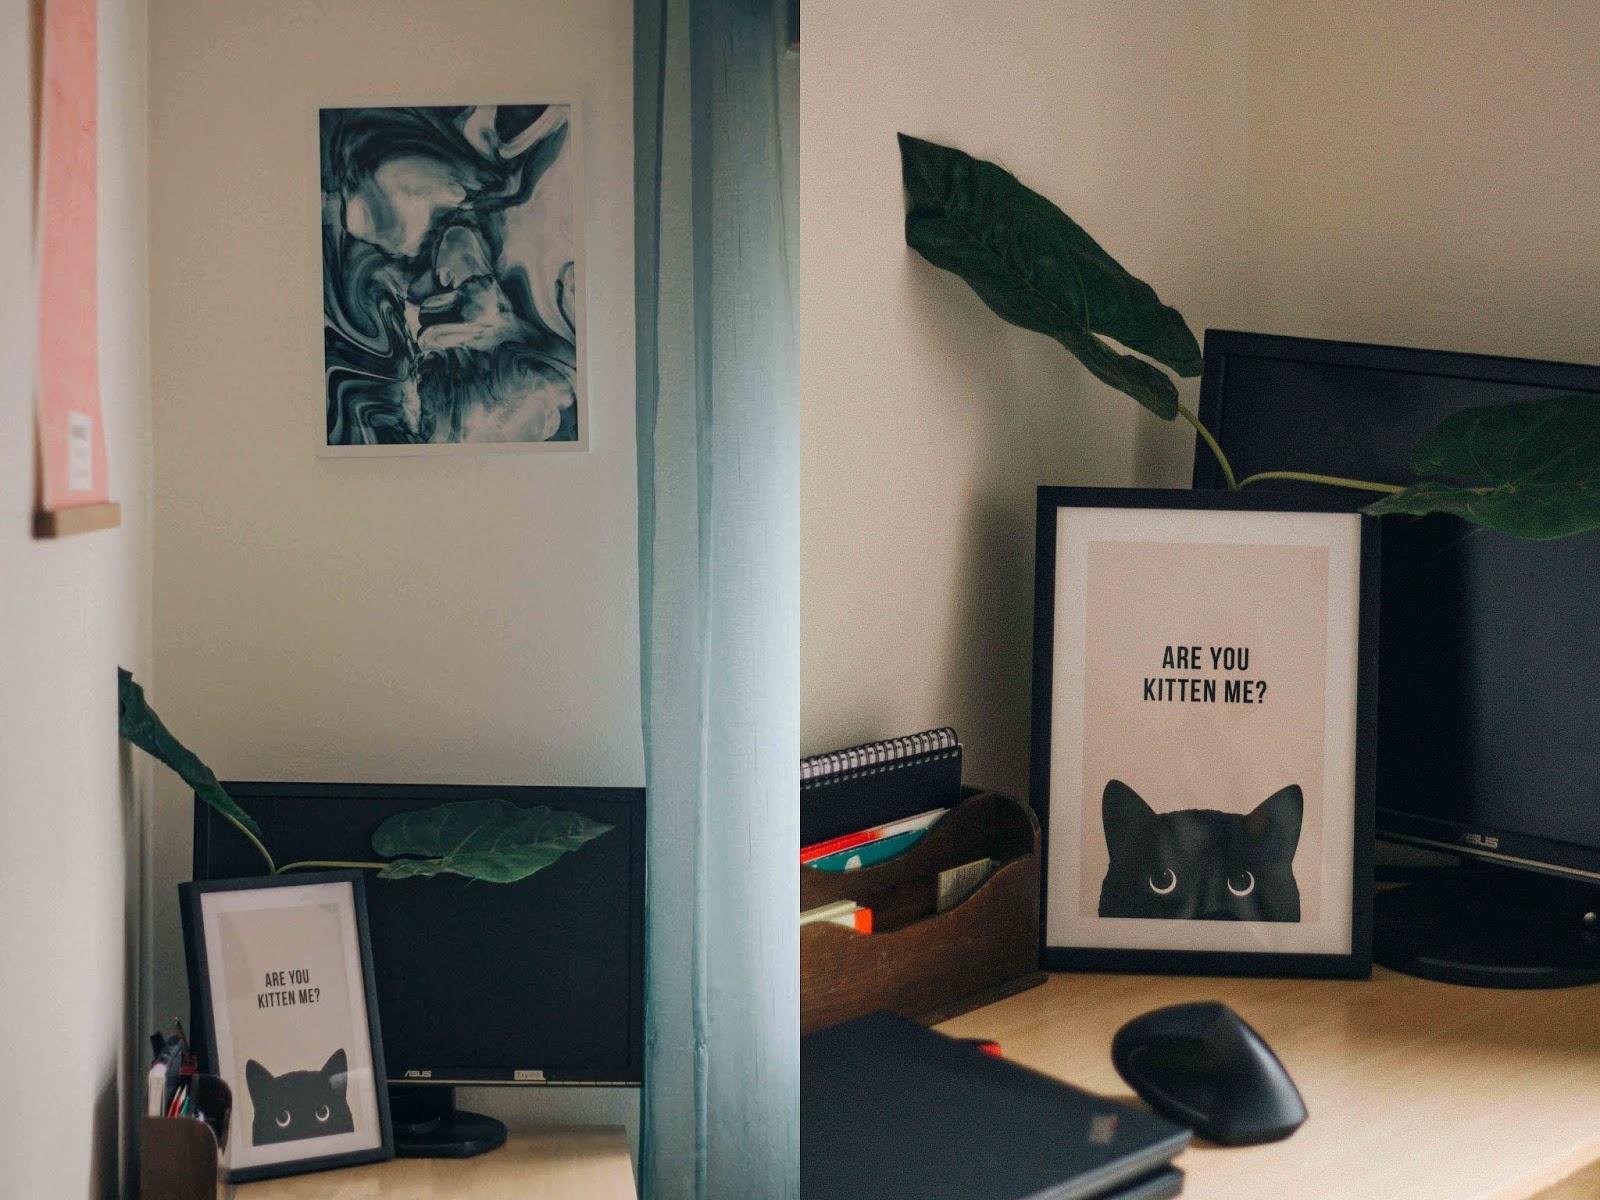 """Foi com a Desenio que voltei a decorar as paredes da minha casa. Eu, como tantas outras pessoas, estou a trabalhar a partir de casa devido à situação em torno do covid-19. Já há algum tempo que queria melhorar o aspeto desta divisão, que agora é o meu """"home office"""". Por outras palavras, queria redecorar um quarto meio vazio que até então estava sem grande utilidade, já que agora é onde passo uma boa parte dos meus dias."""